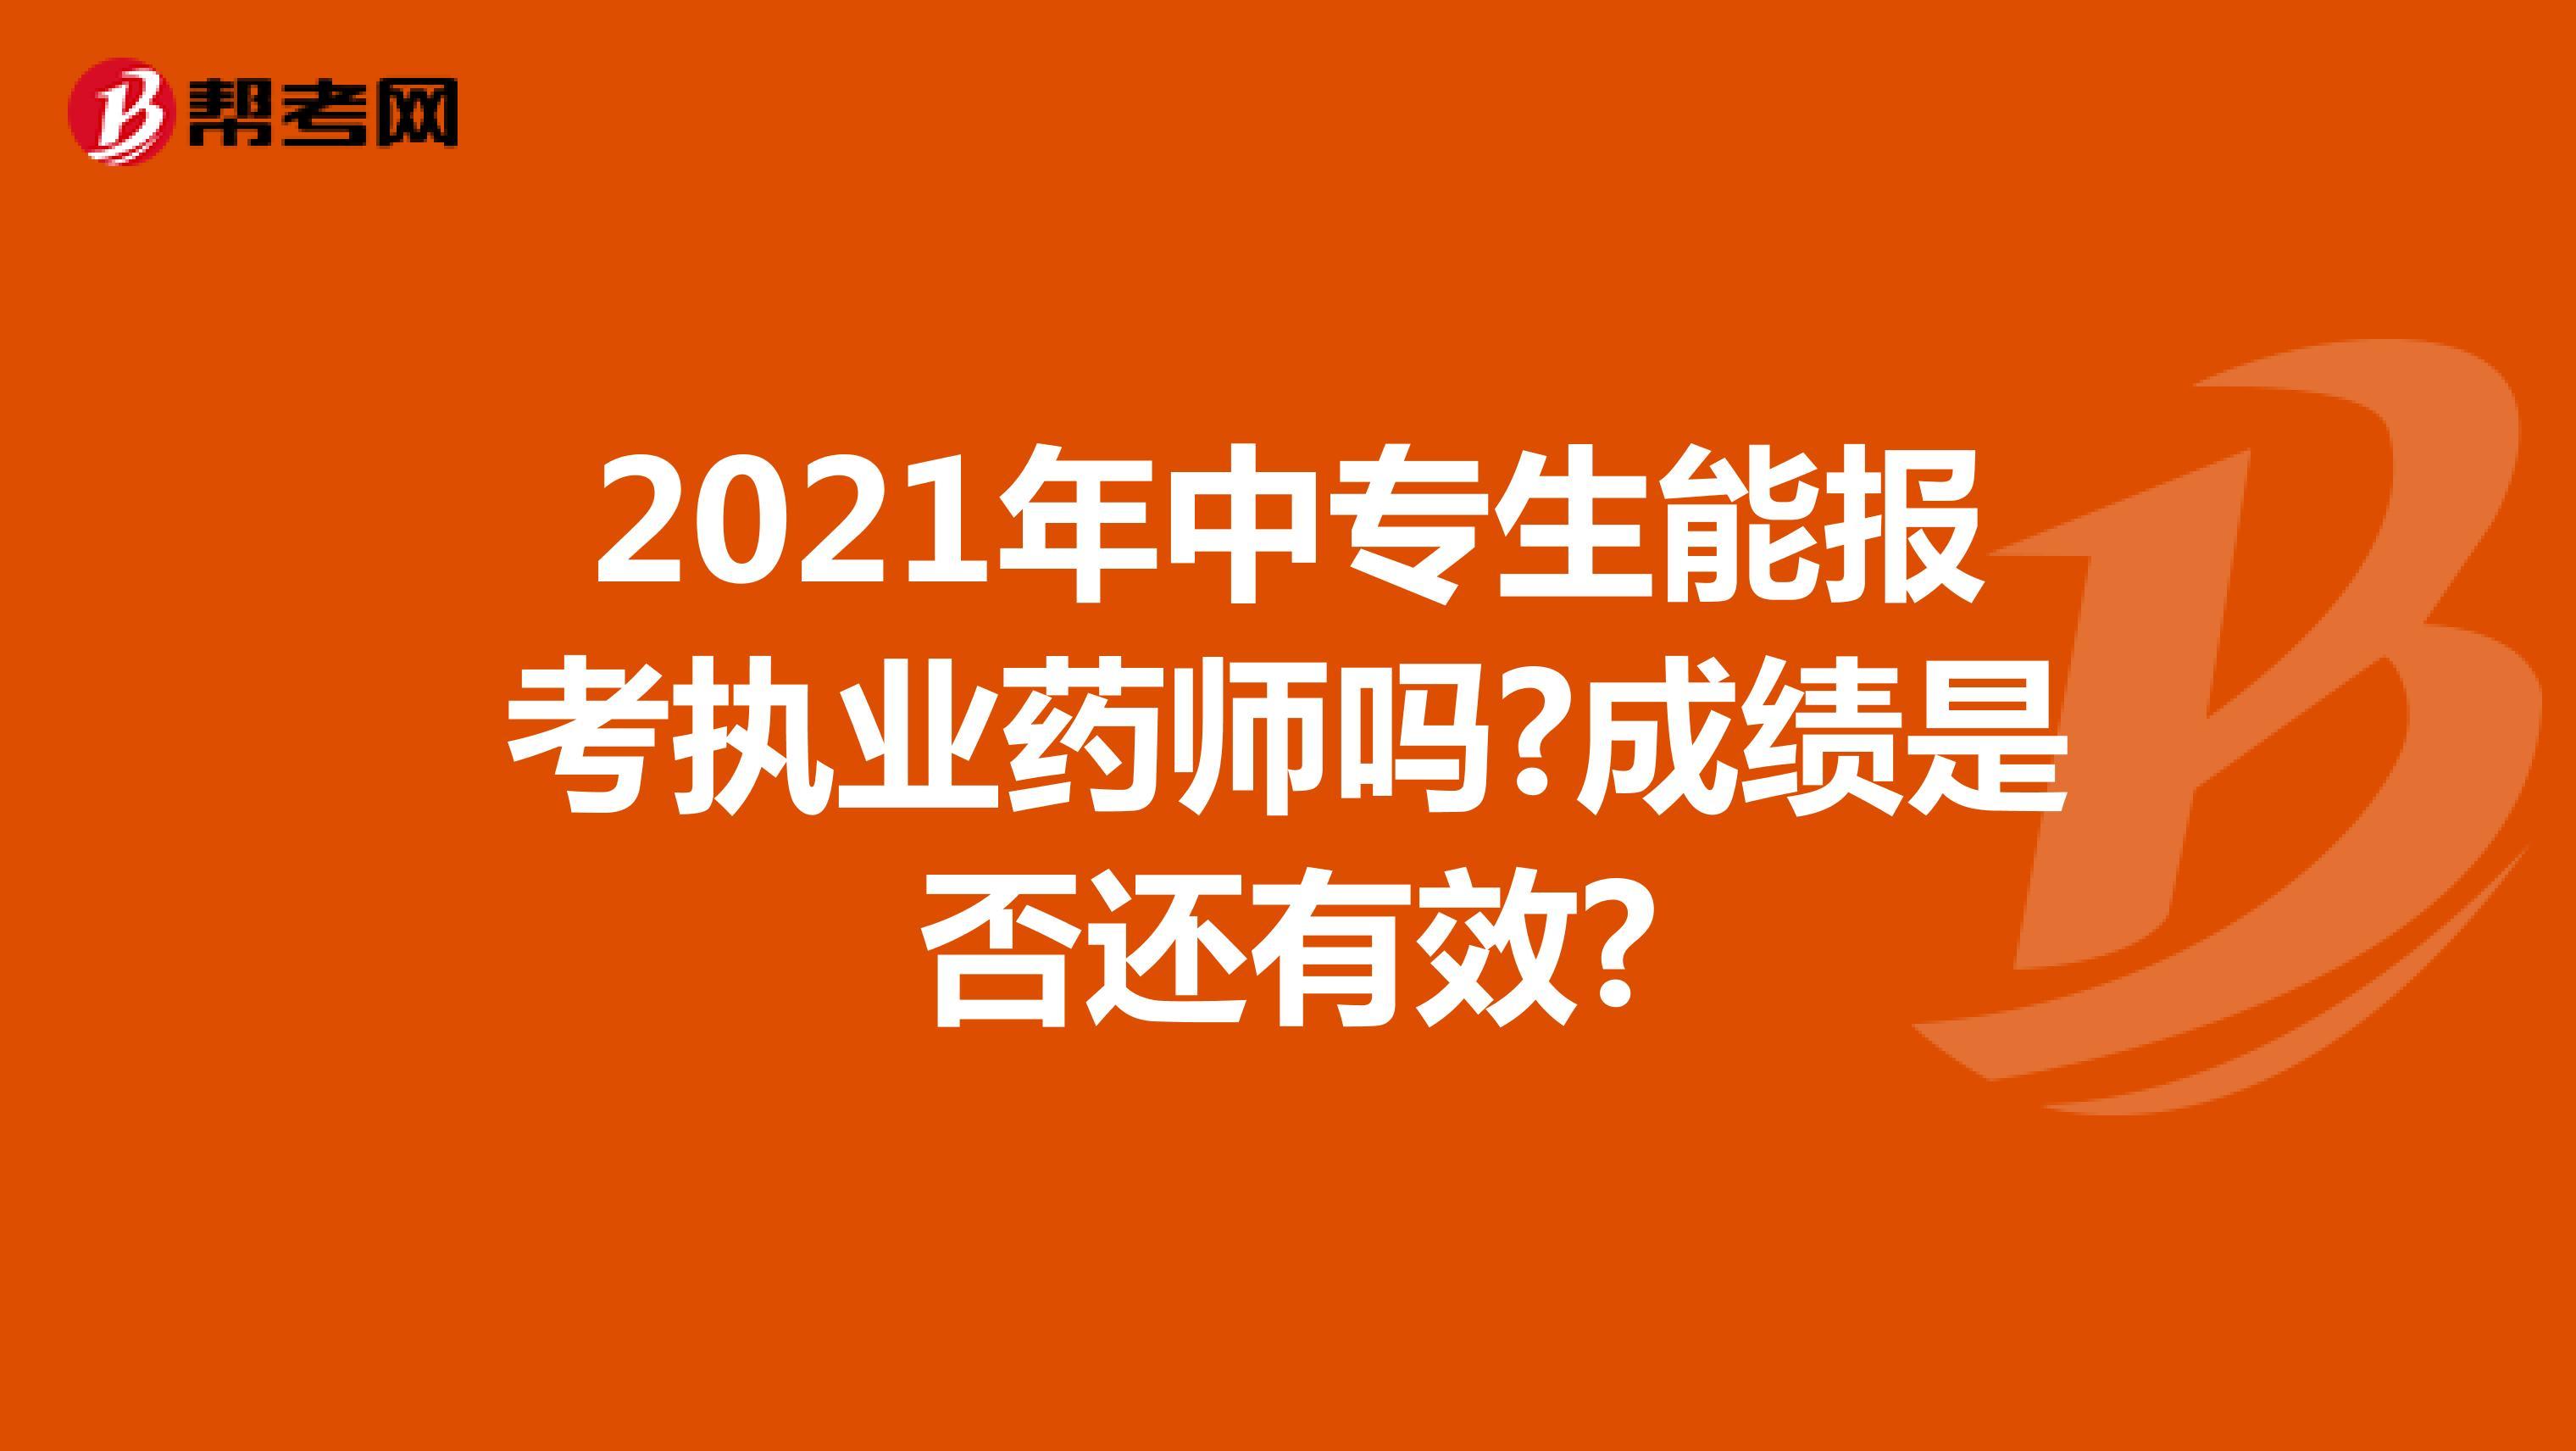 2021年中專生能報考執業藥師嗎?成績是否還有效?